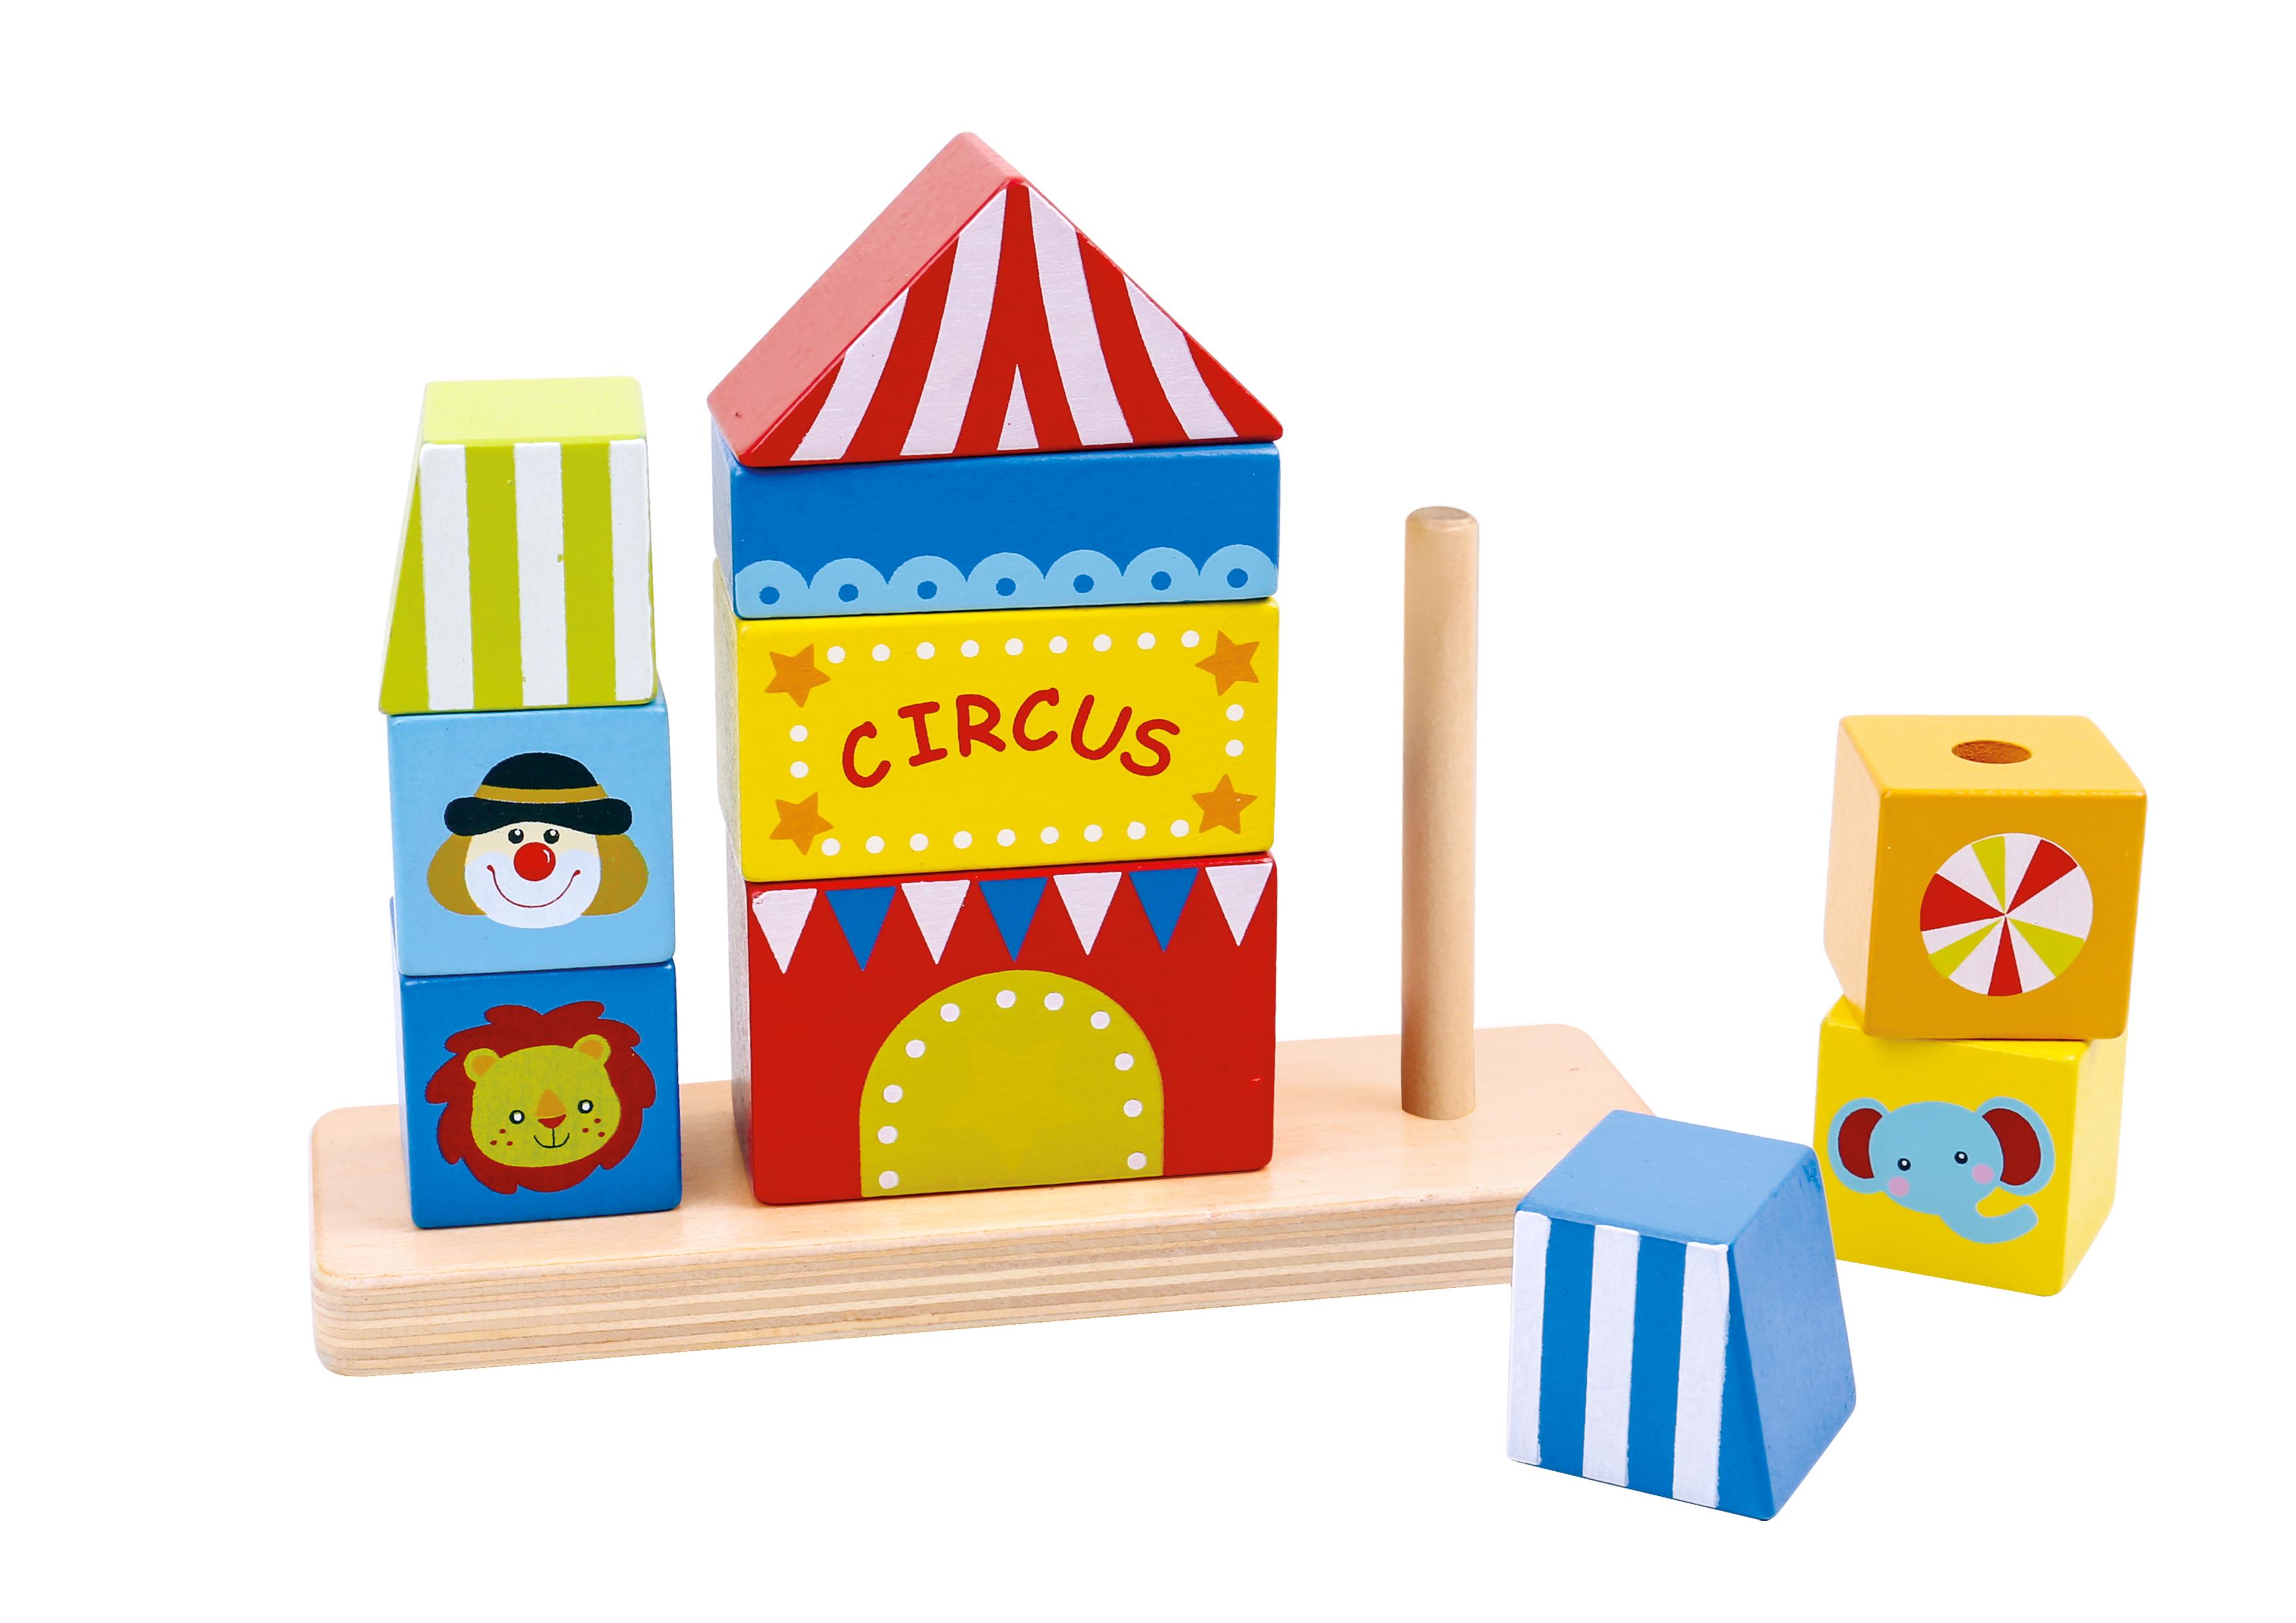 Circul de stivuit din lemn tooky toy imagine